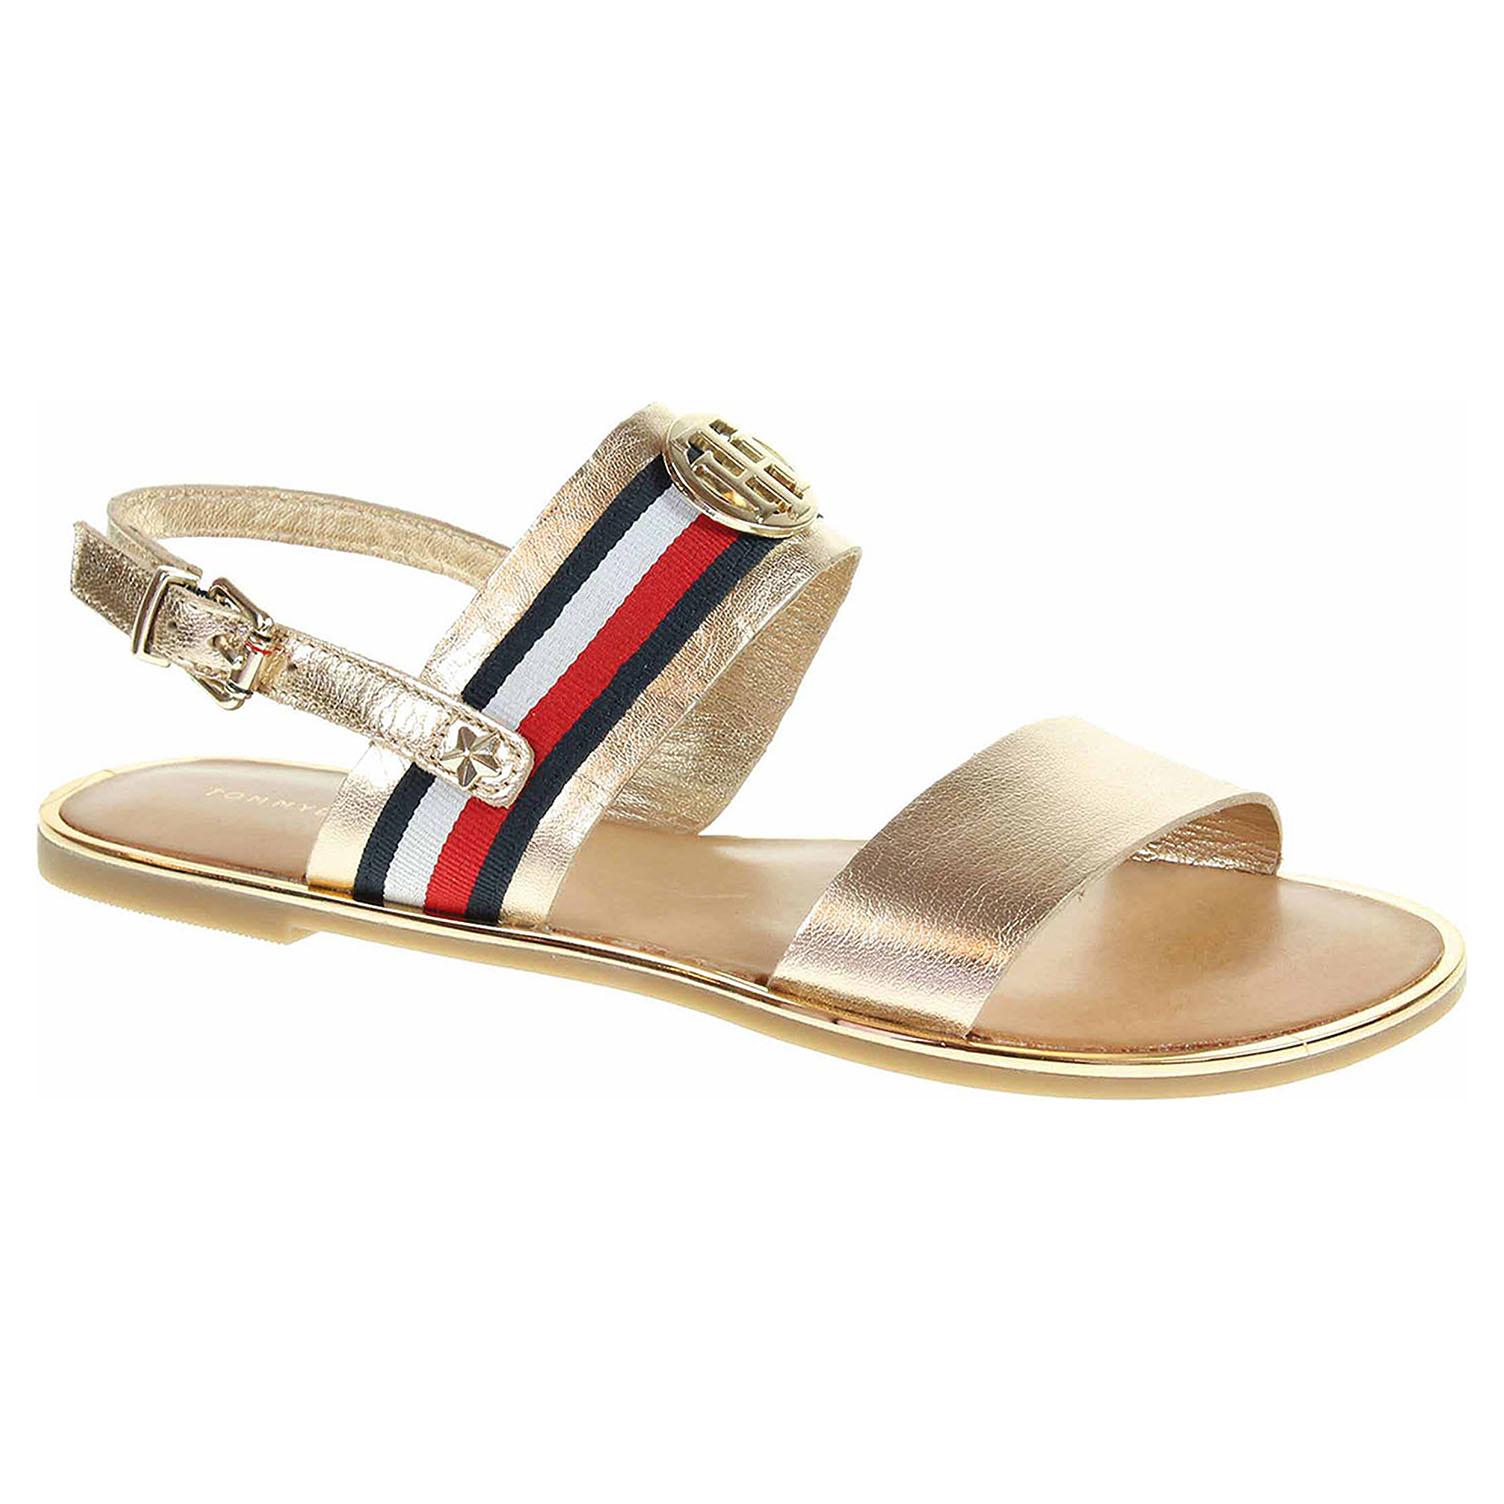 98f87459d85b8 Ecco Dámské sandály Tommy Hilfiger FW0FW02837 mekong 23801333